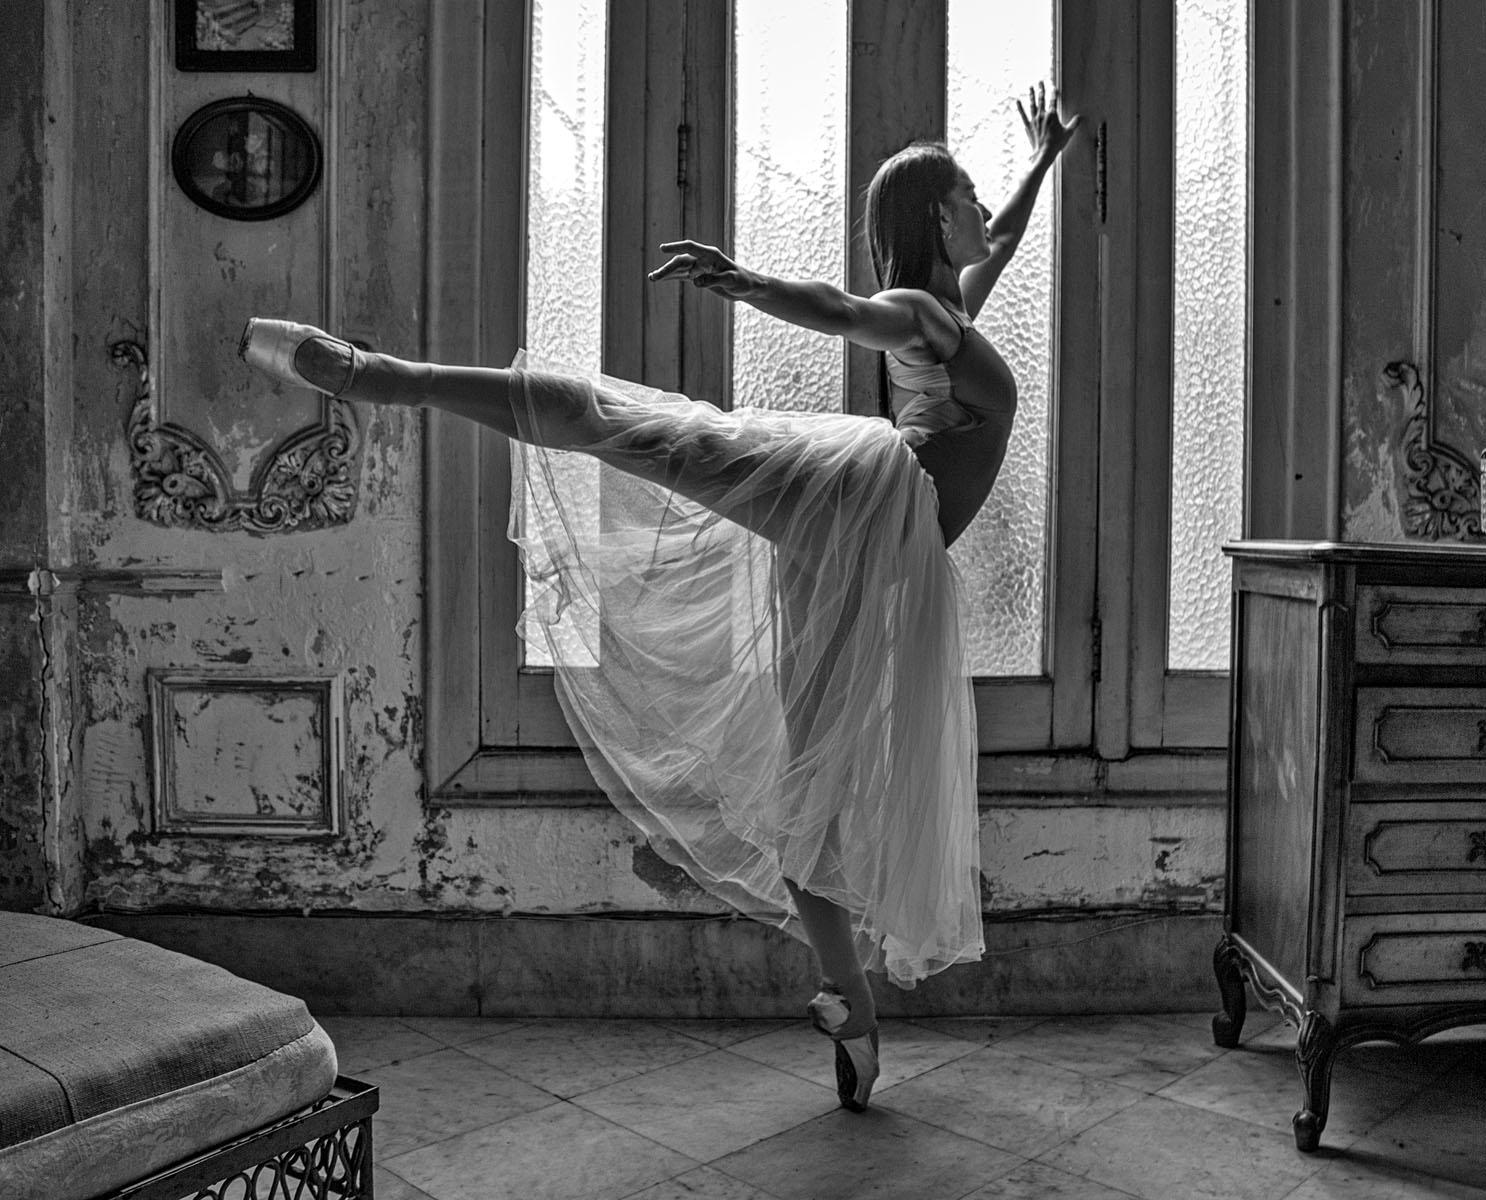 Cuban-Ballet-Dancer-MB-1-Place-by-Roberta-Claire-Lasota-MR